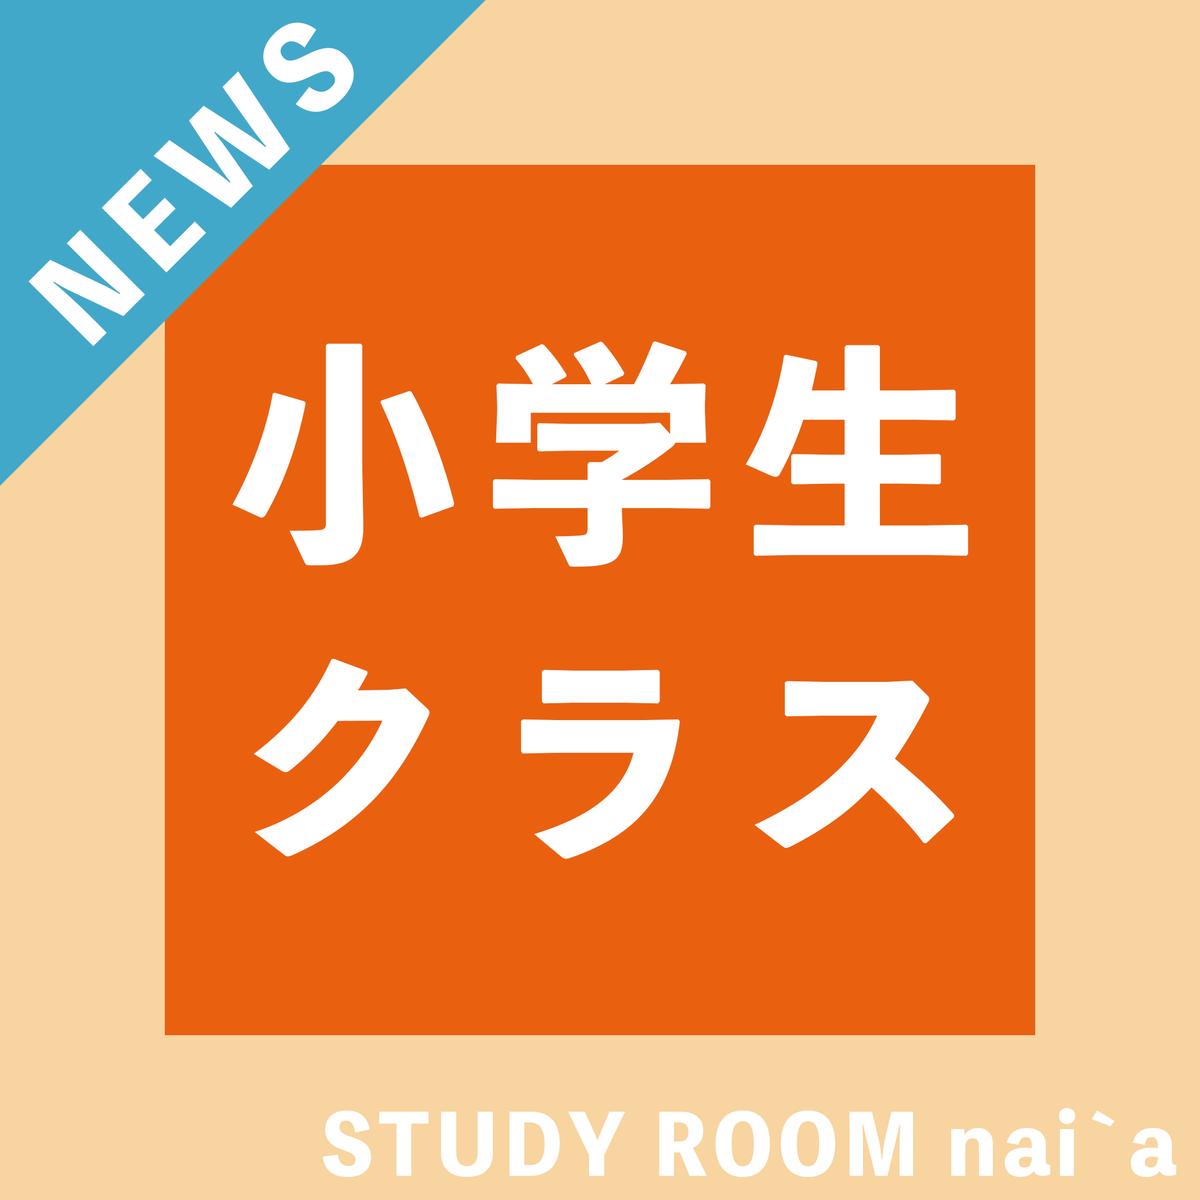 f:id:studyroomnaia:20210829205219j:plain